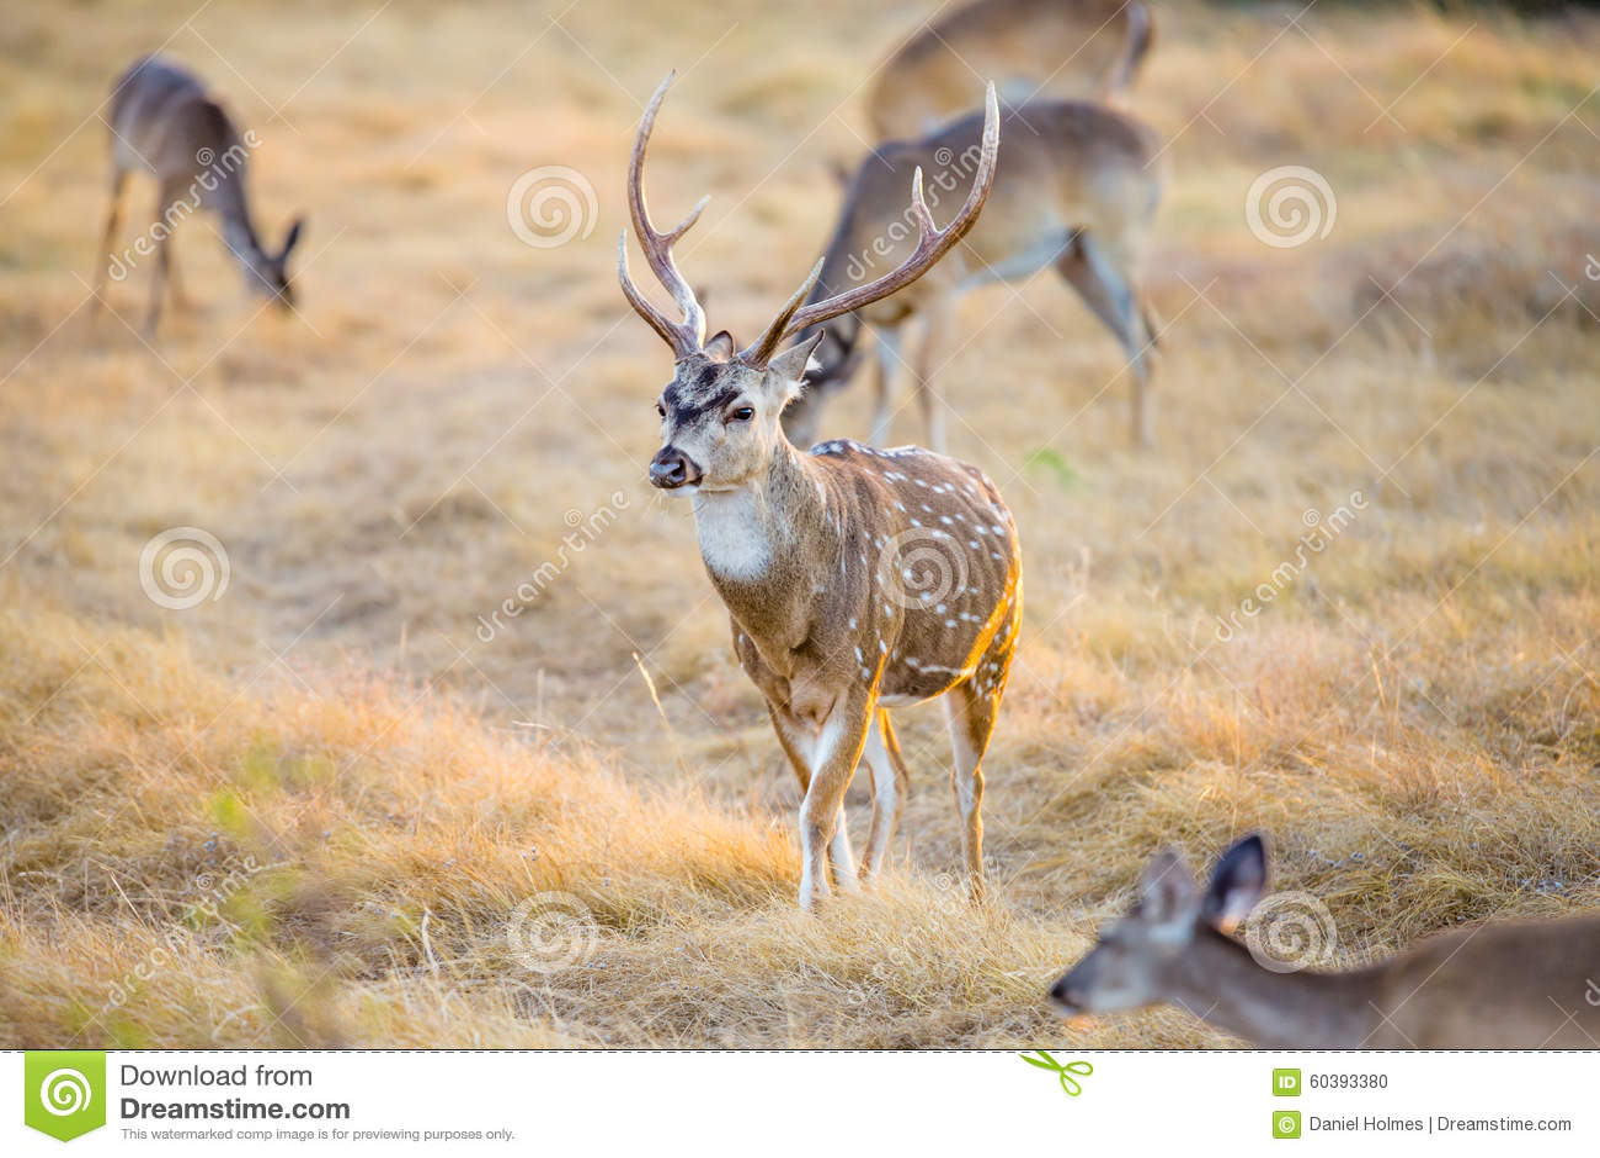 Cervos da linha central